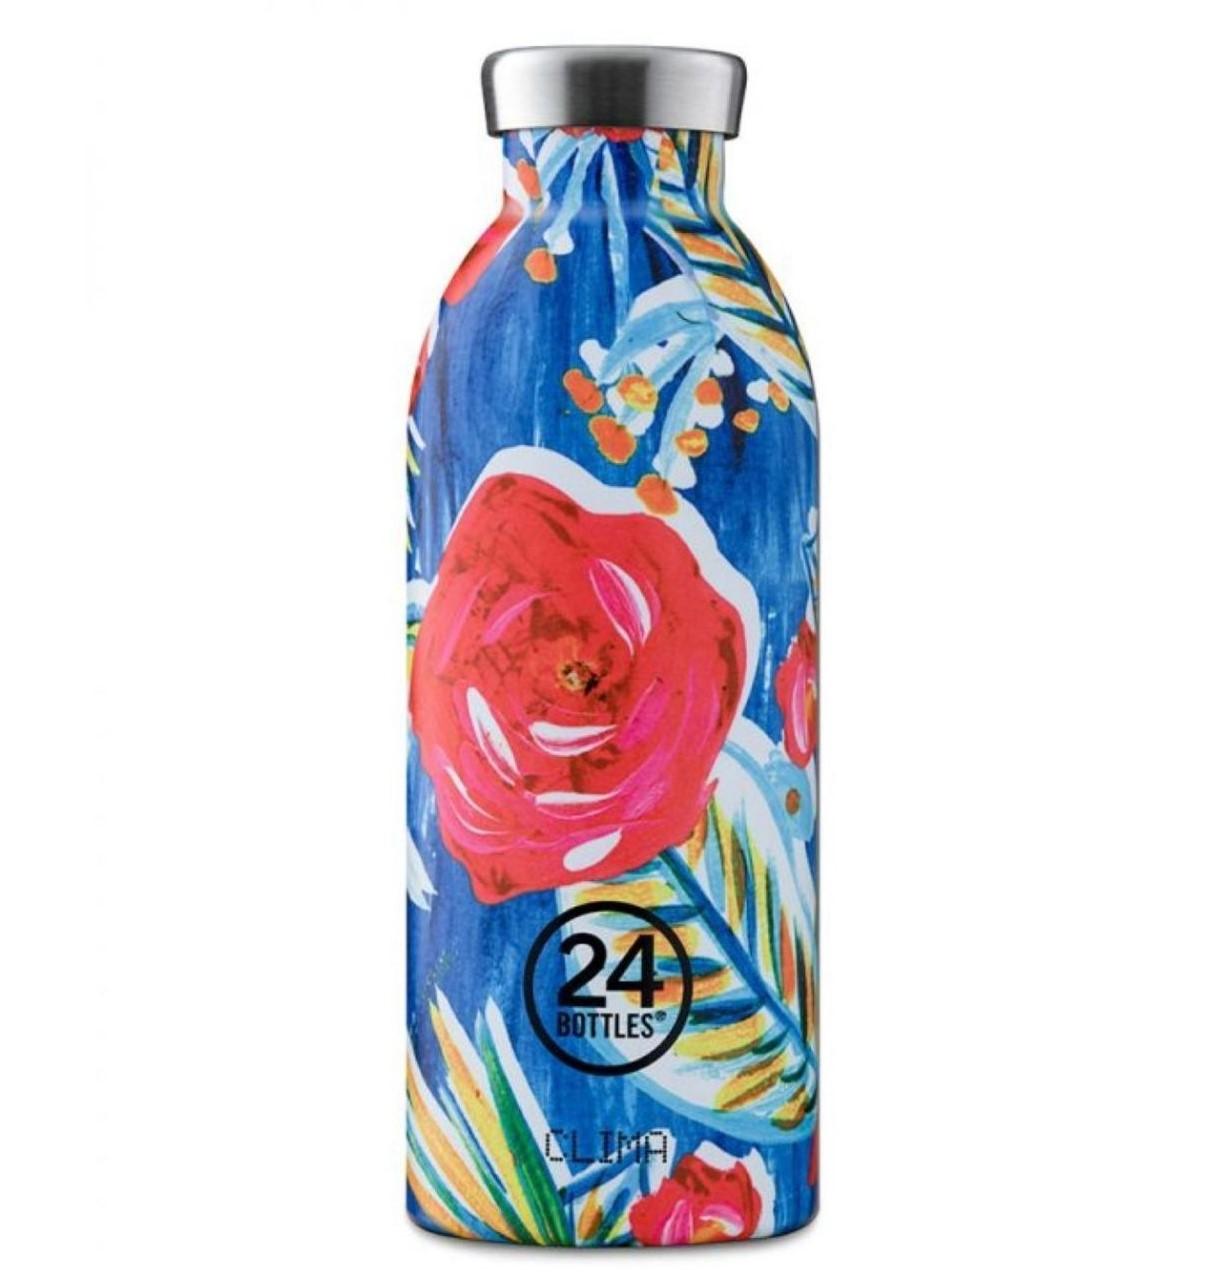 24bottles® Clima Bottle 500ml – Reverie